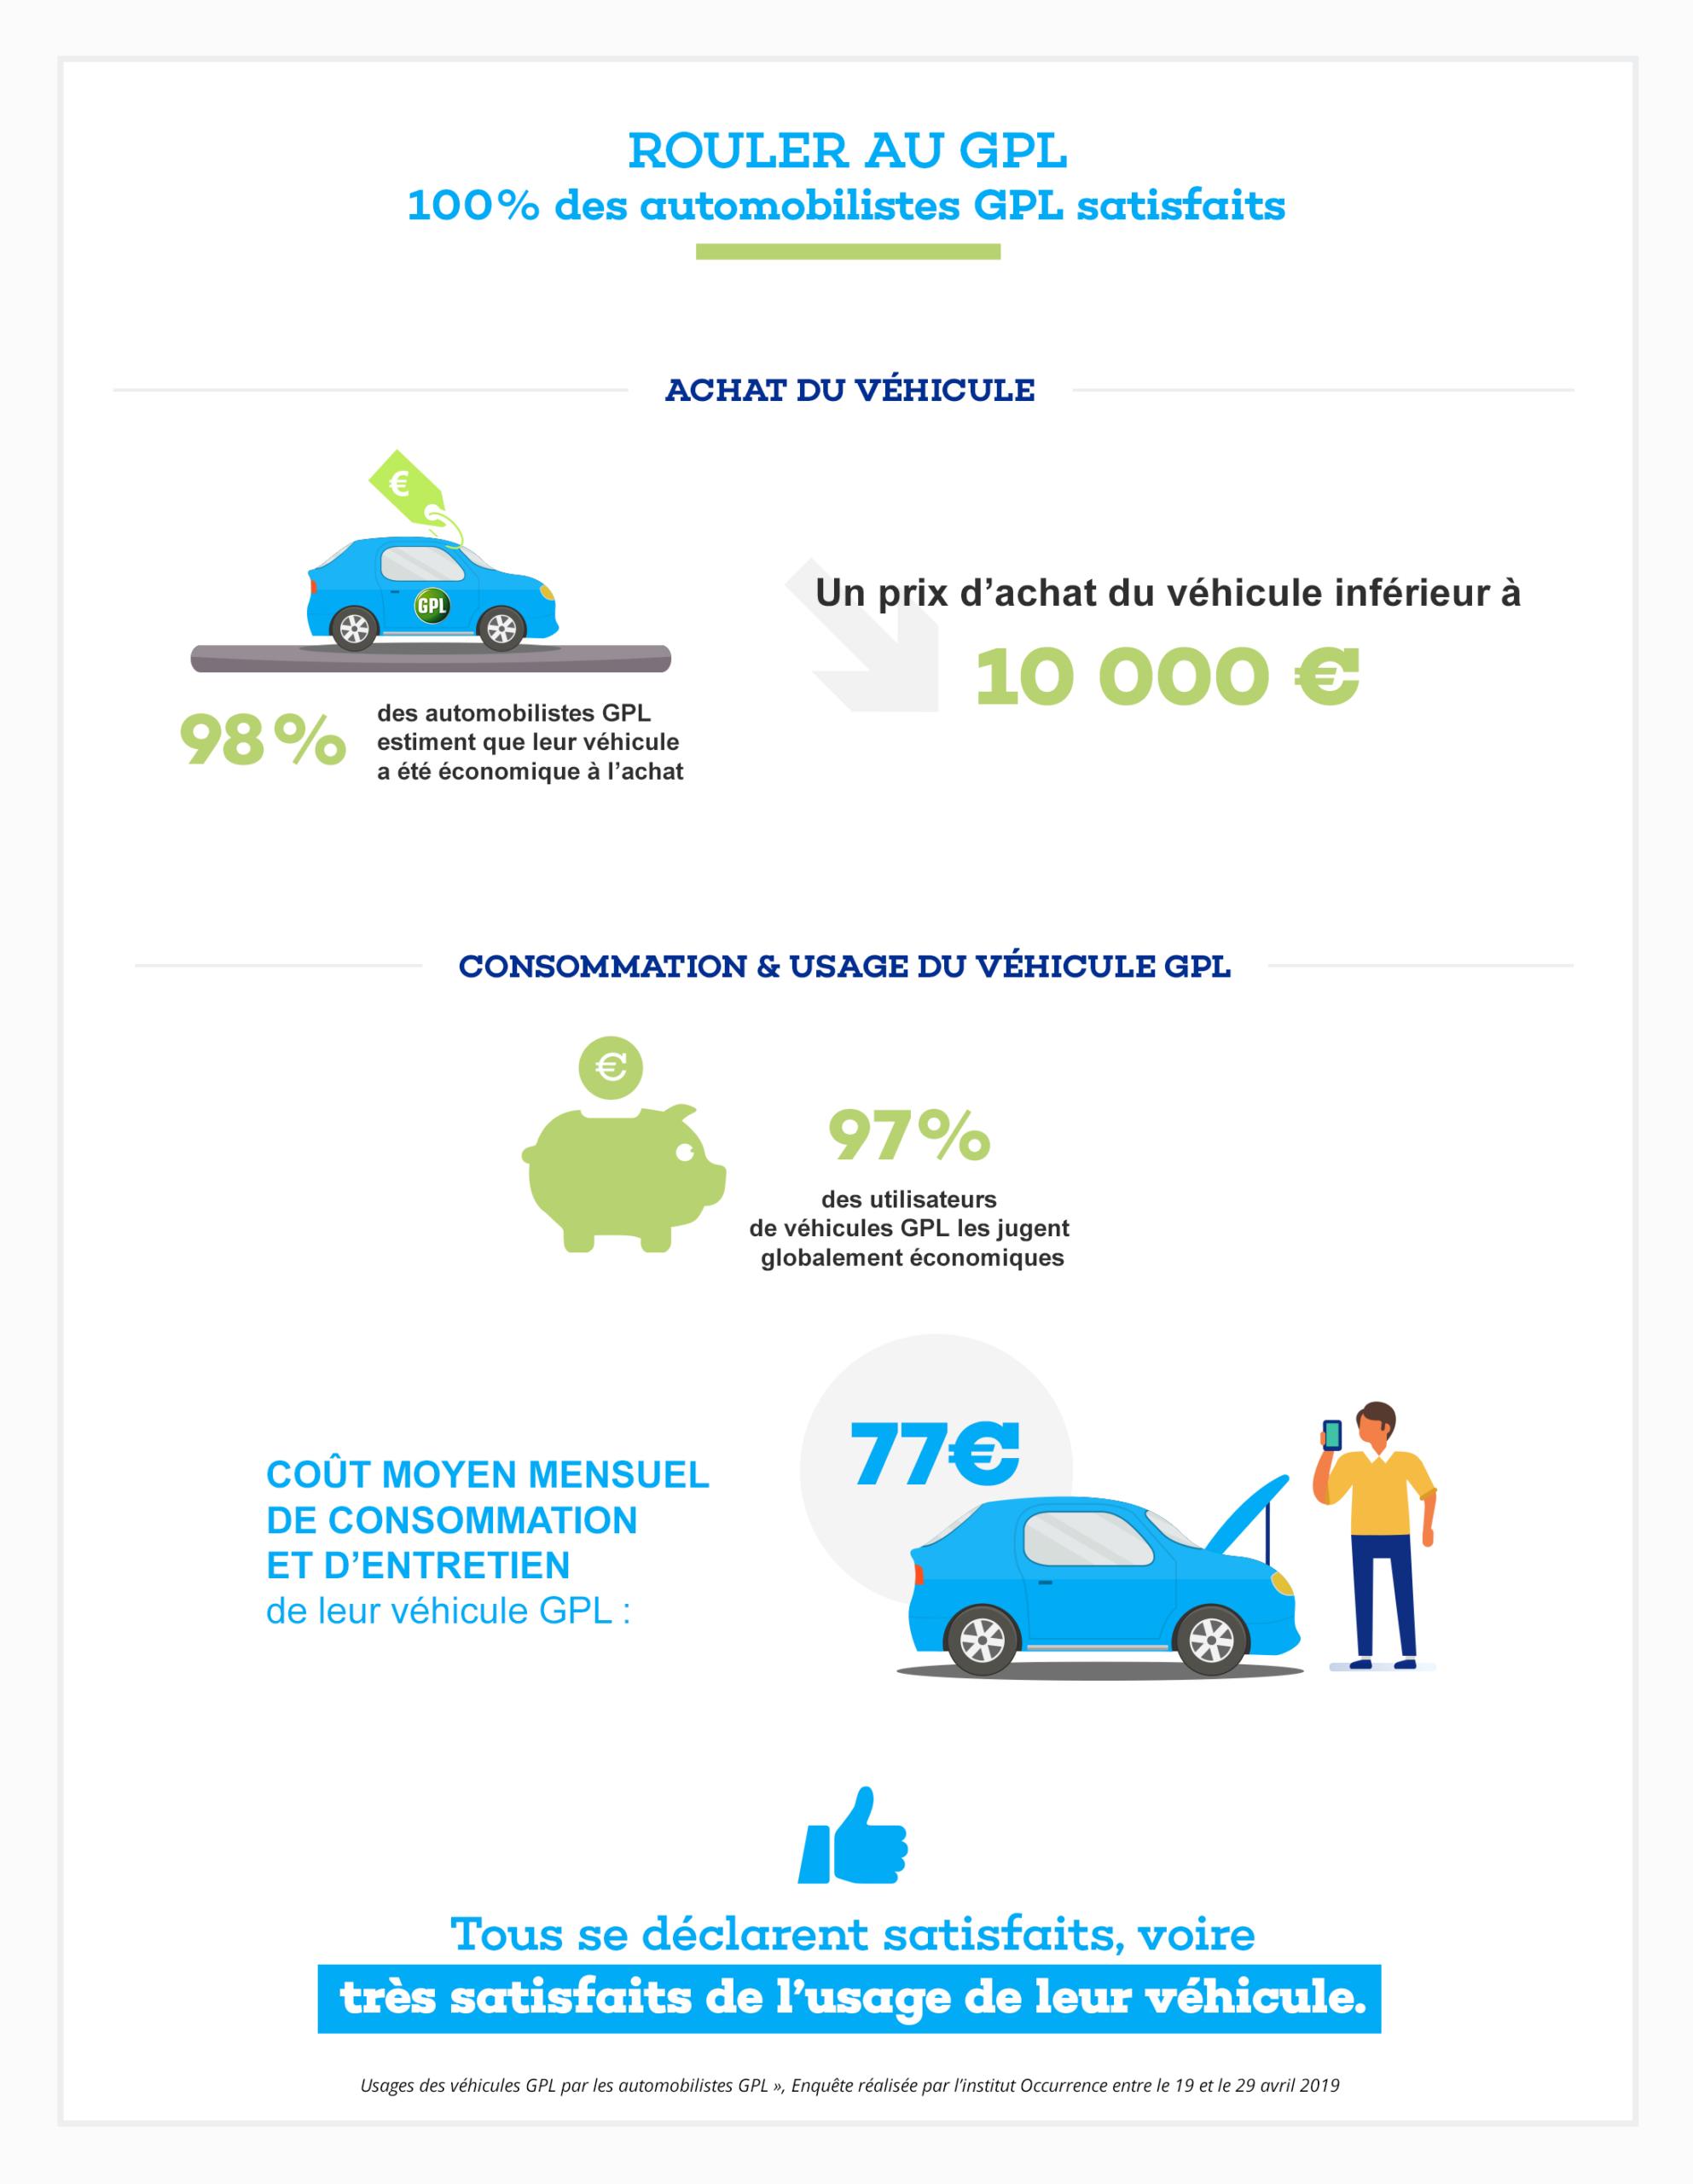 Les automobilistes GPL jugent leur véhicule GPL encore plus économique à l'achat comme à l'usage